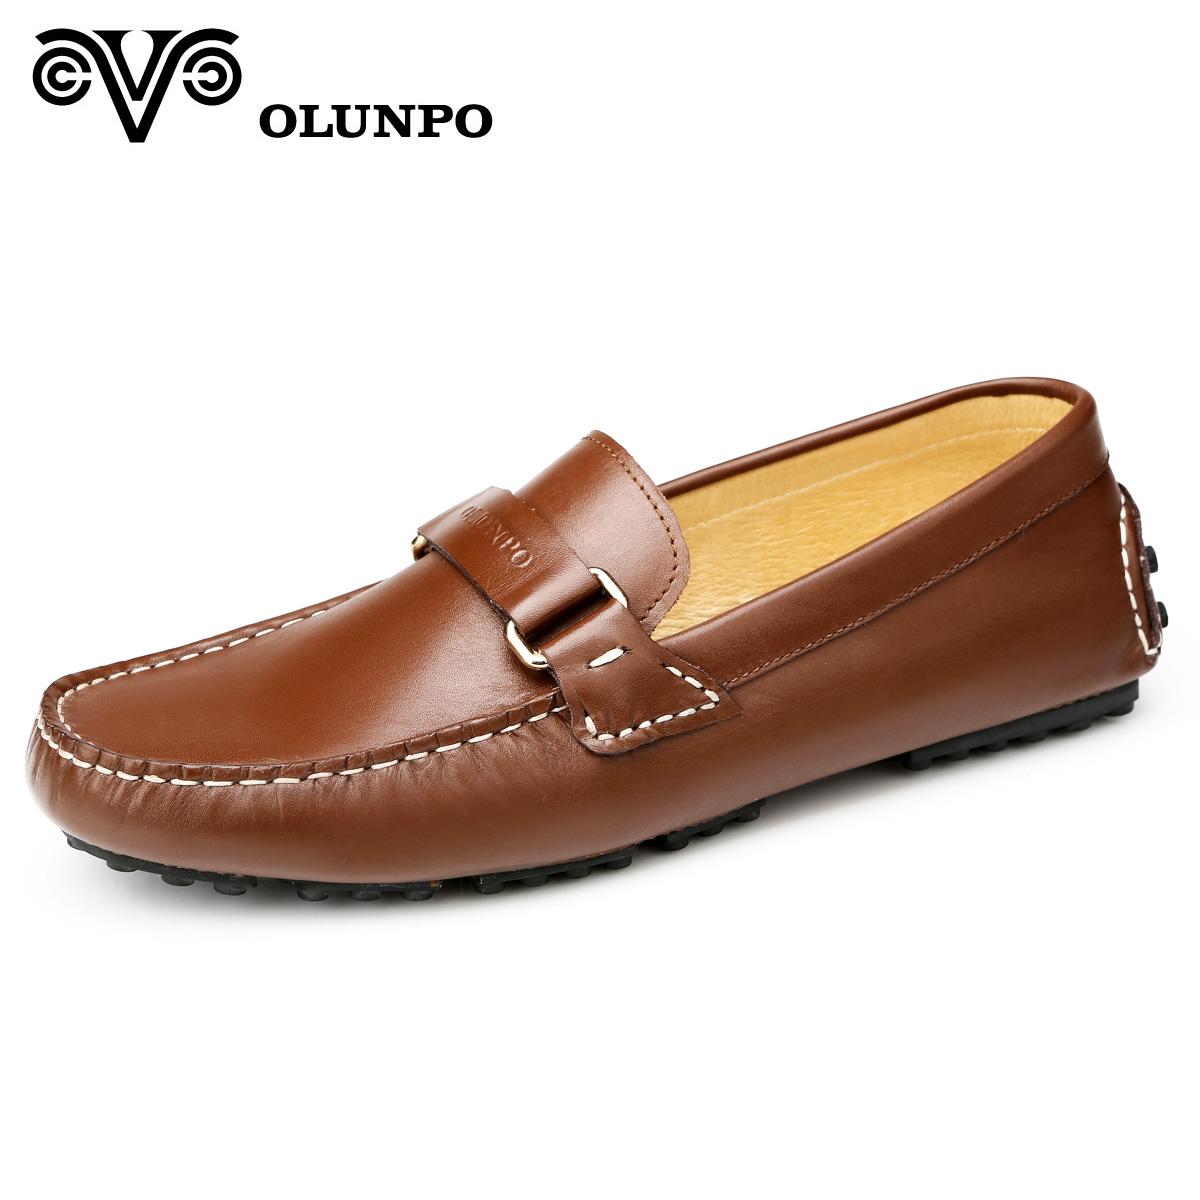 Giầy lười Olunpo CHY1402 cá tính